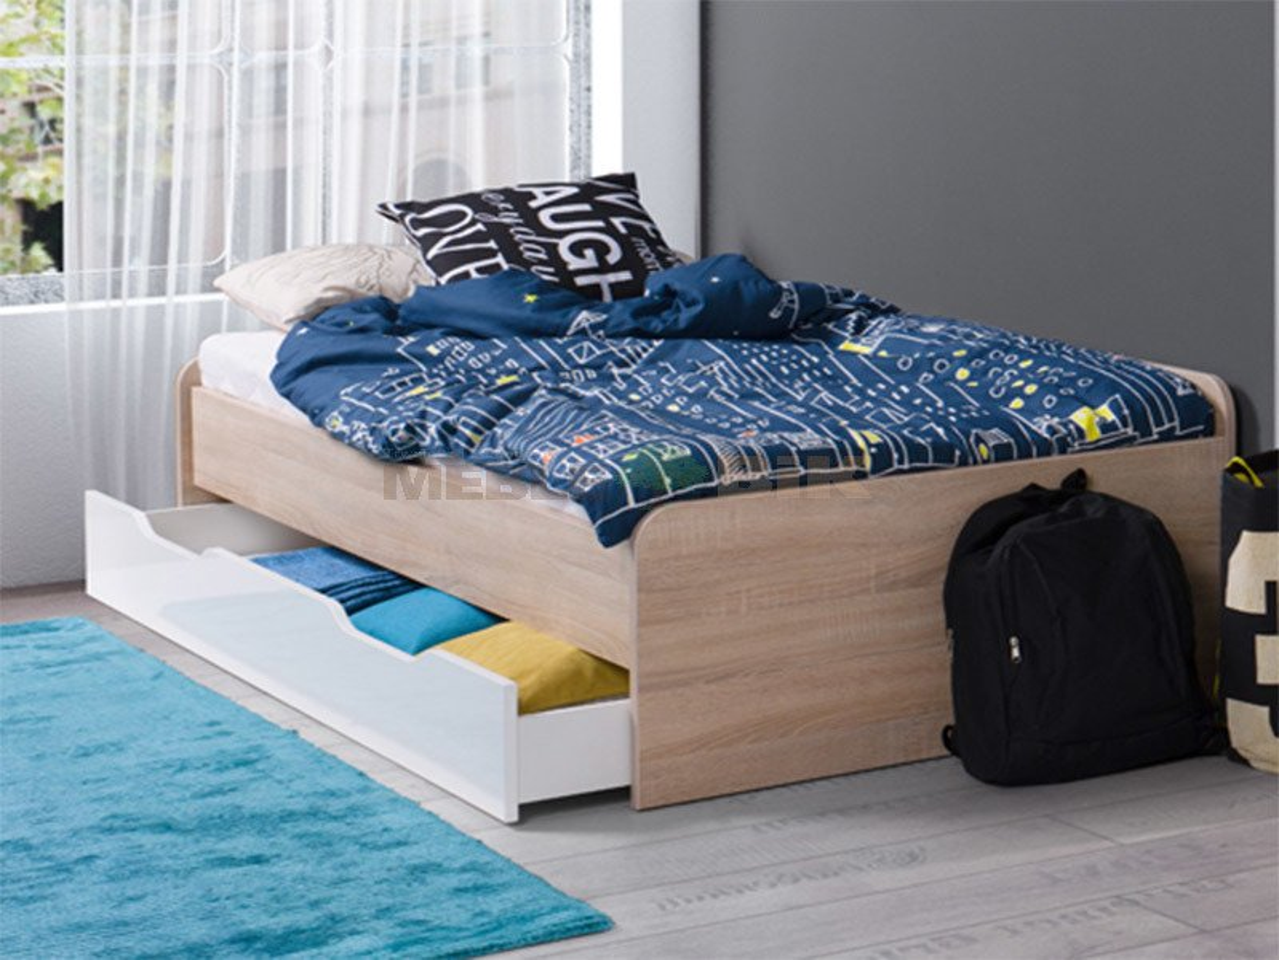 łóżko Podwójne Młodzieżowe Twins Maridex Sklep Meblowy